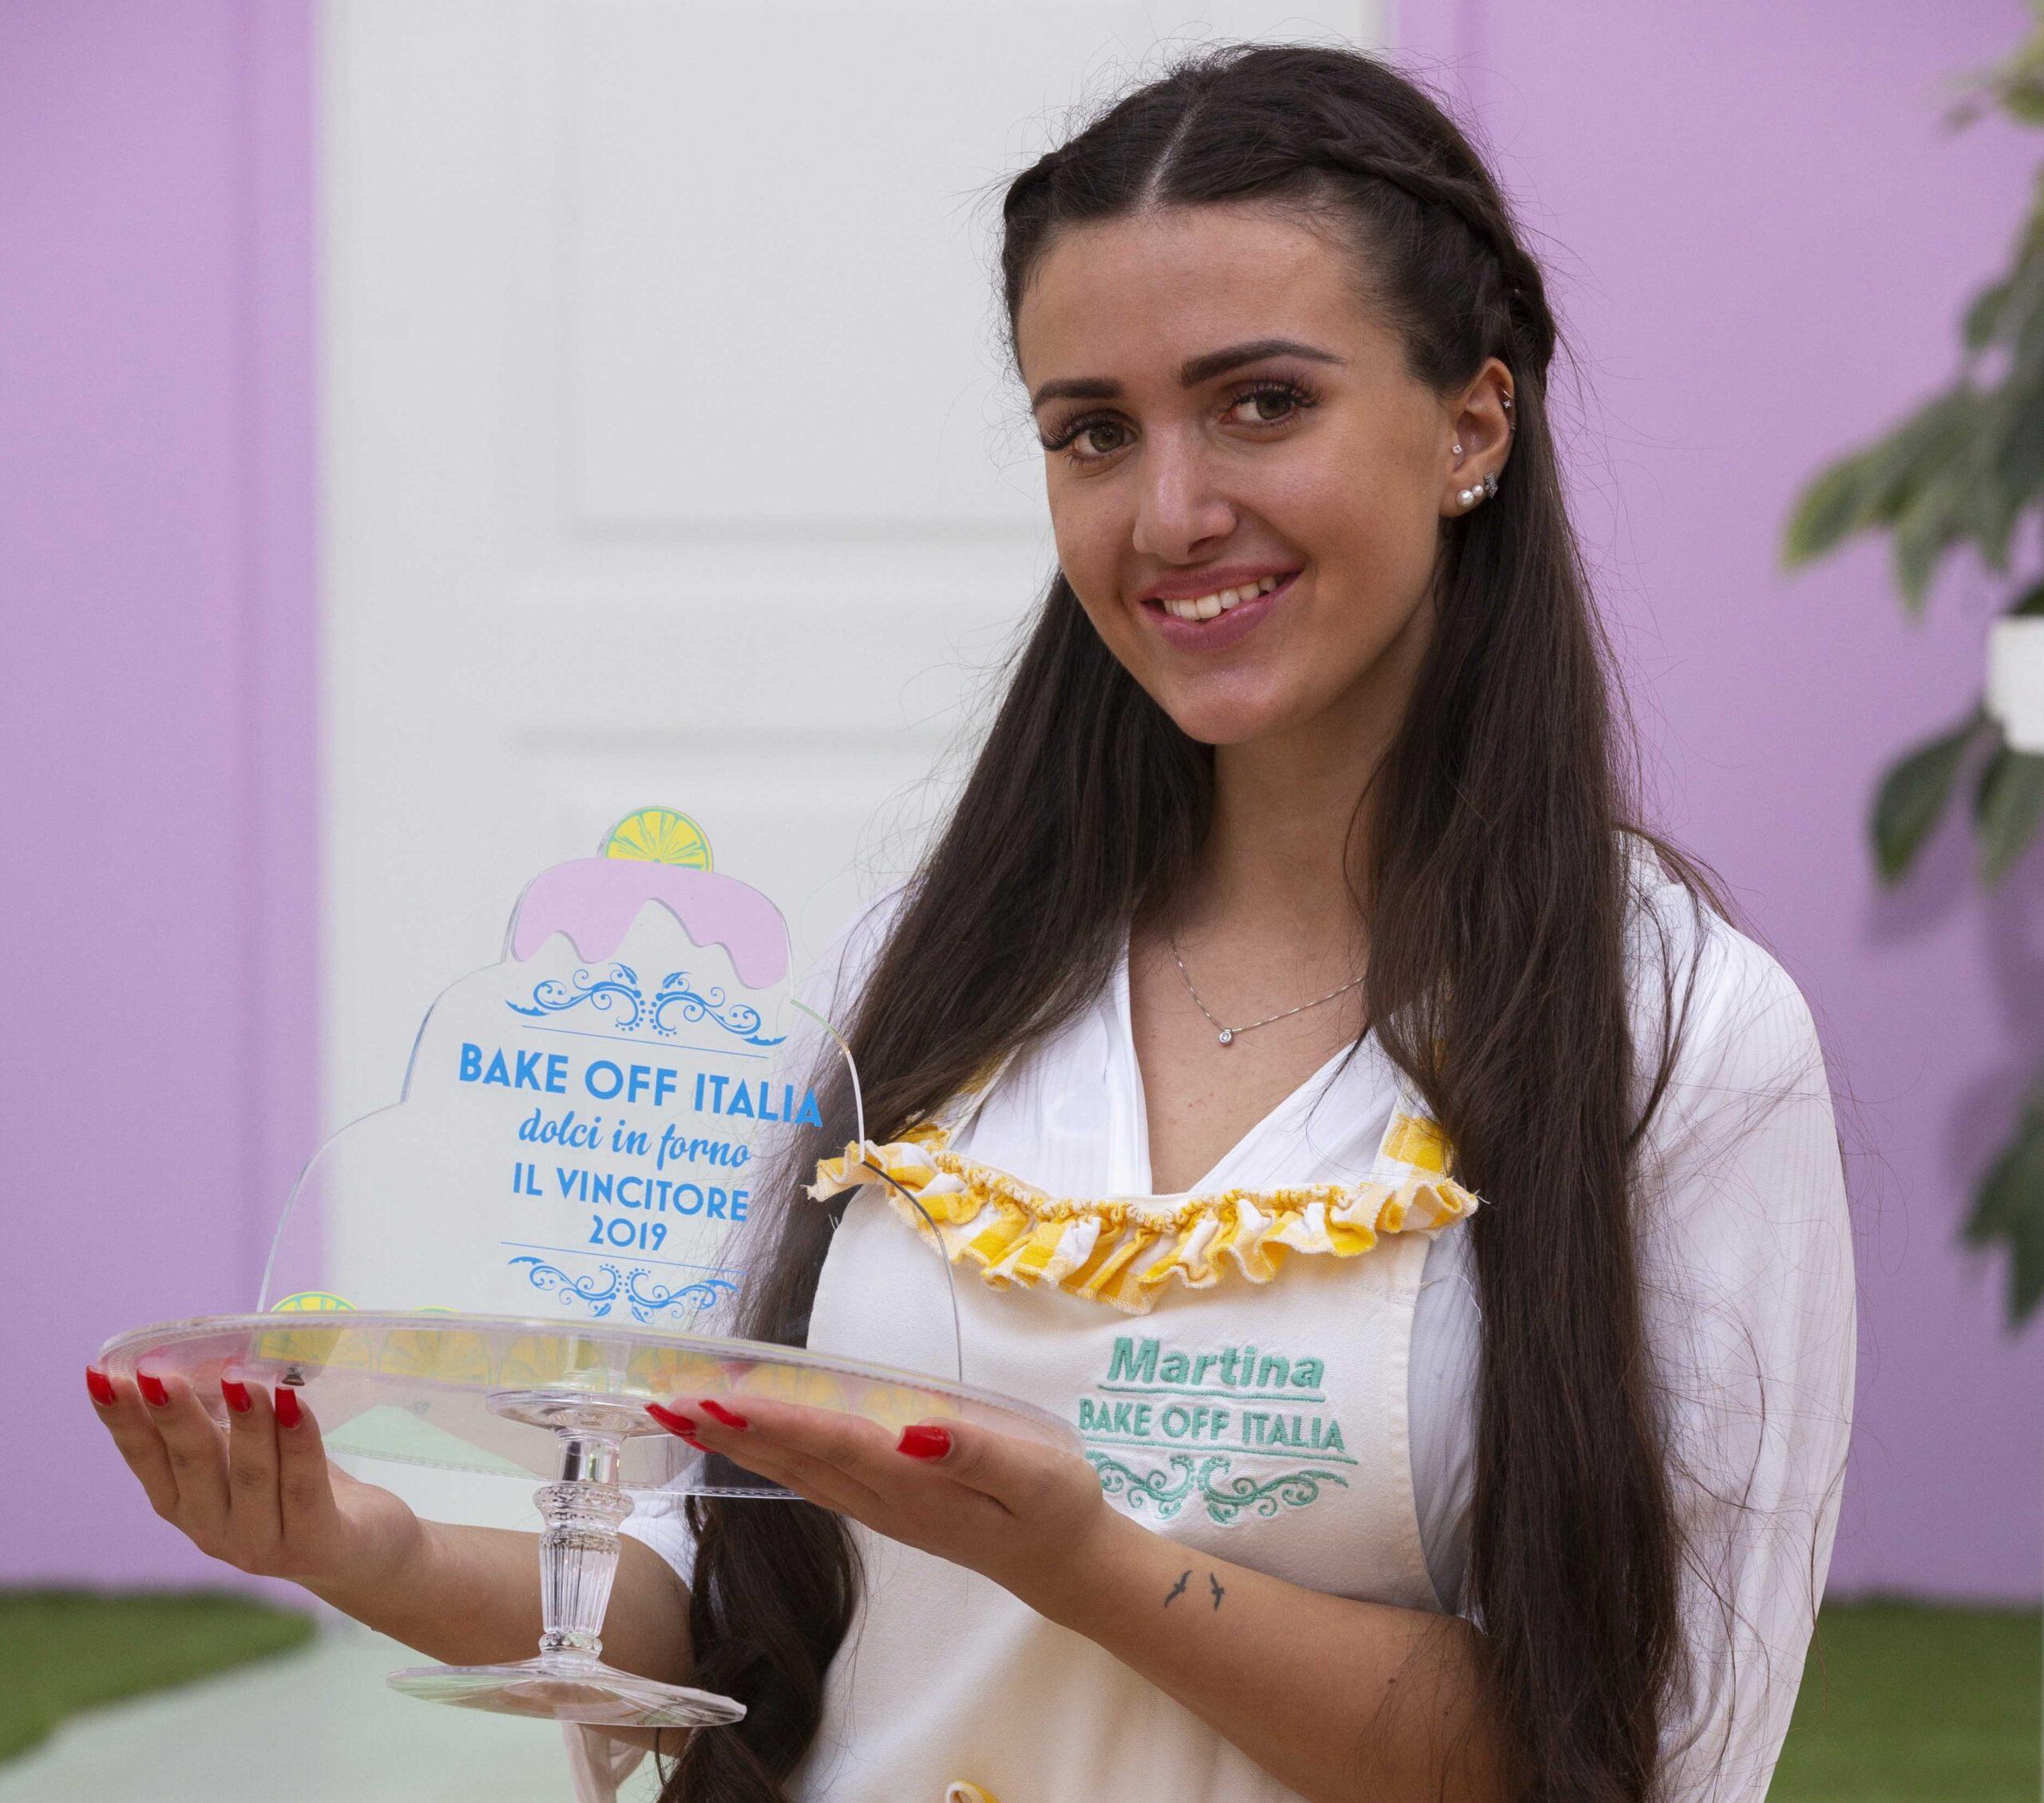 BAKE OFF ITALIA: Martina vince la settima edizione